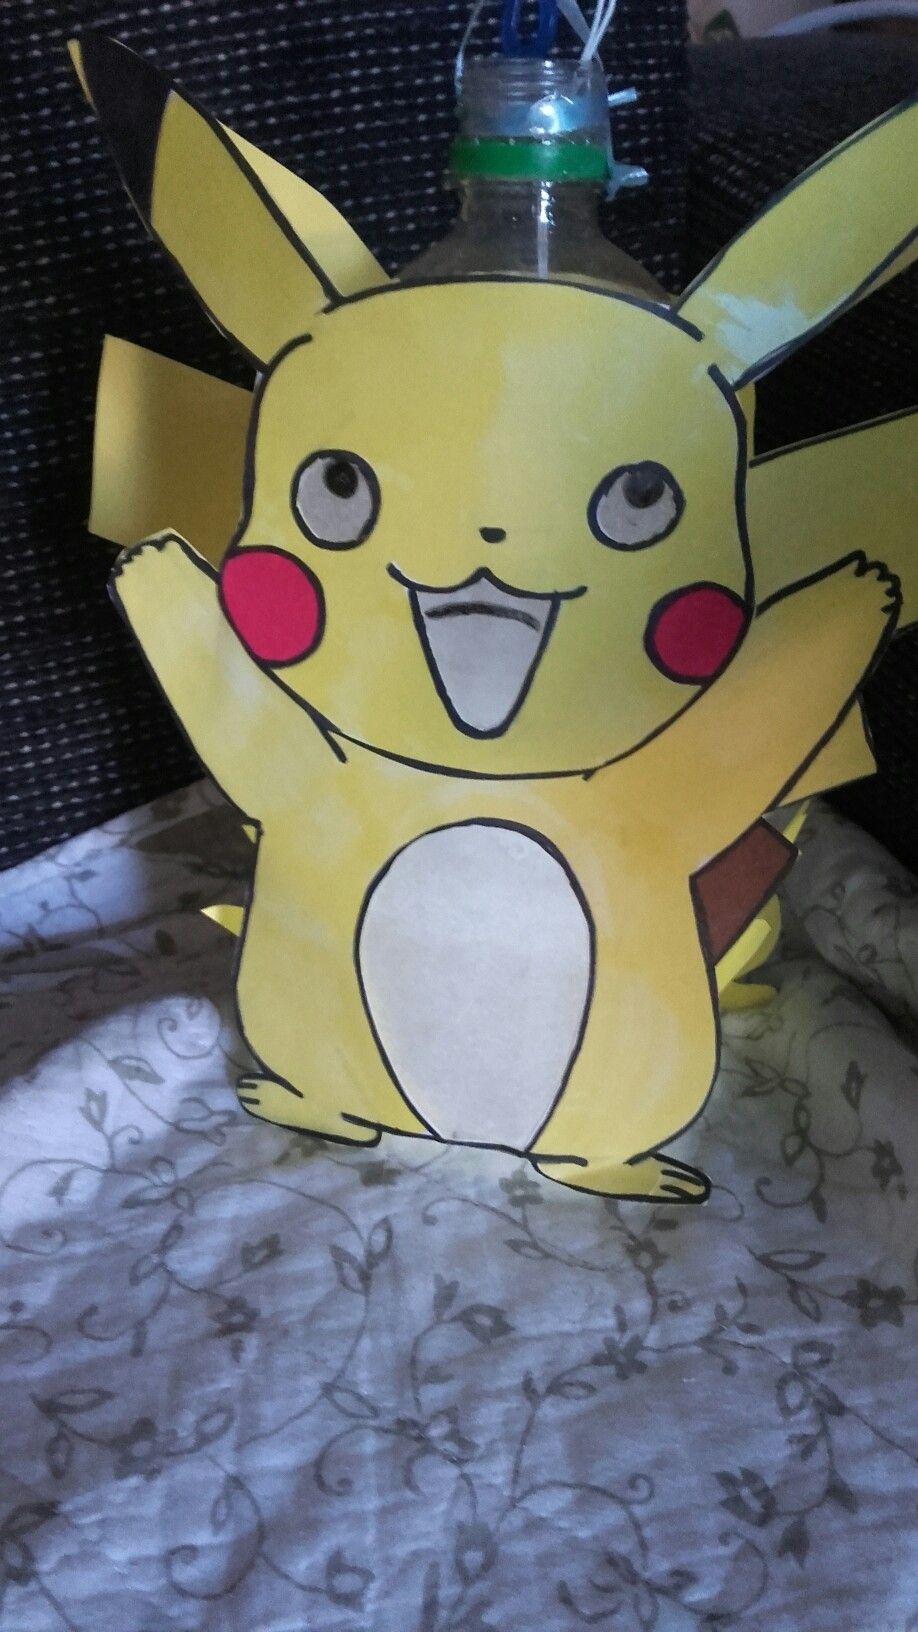 Pikachu Lampion Basis Is Een Wegwerp Flesje Je Kan Hem Zelf Inkleuren Of Gelijk Op Stevig Heel Papier Printen Kleurplaat Komt Pikachu Knutselideeen Lampion